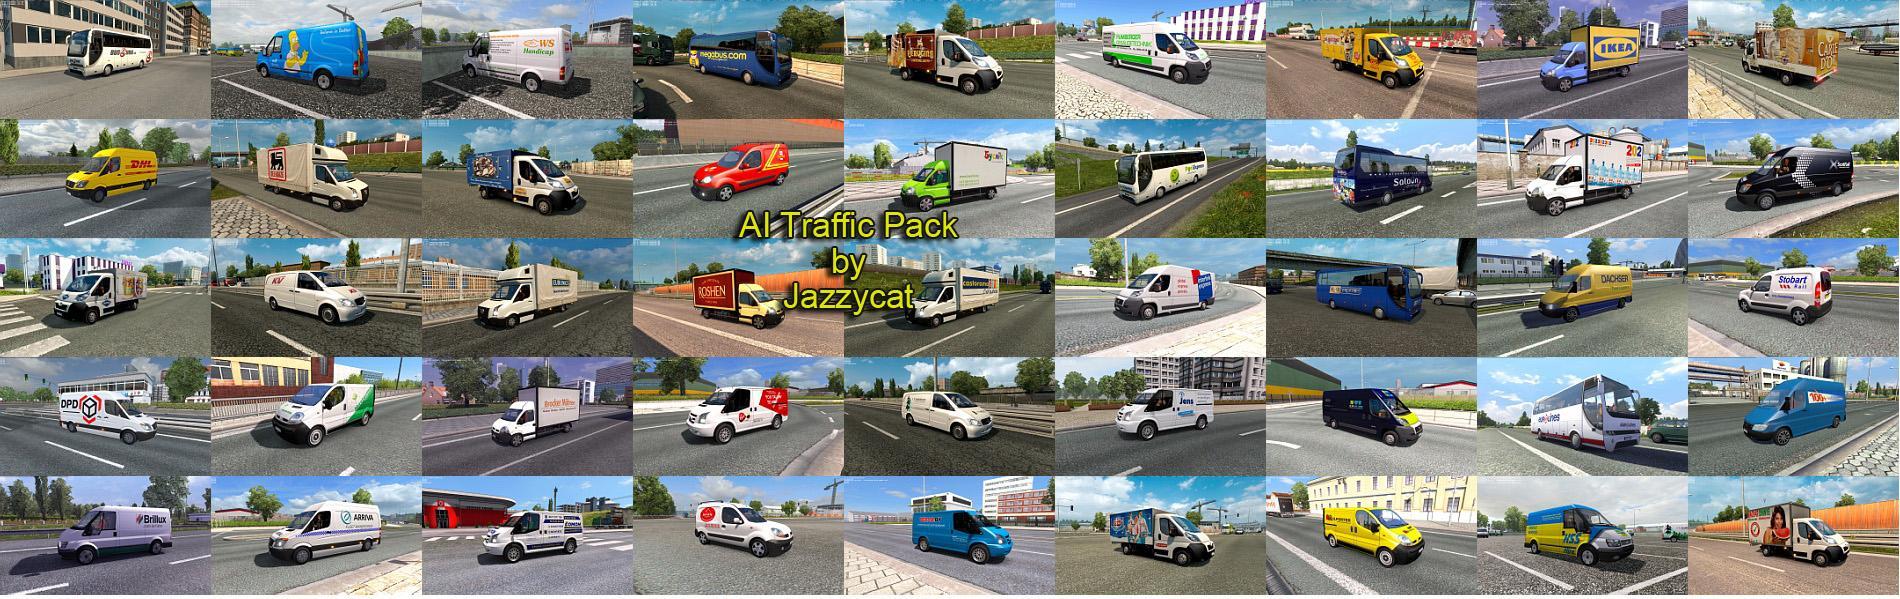 AI TRAFFIC PACK BY JAZZYCAT V6 2 MOD - ETS2 Mod